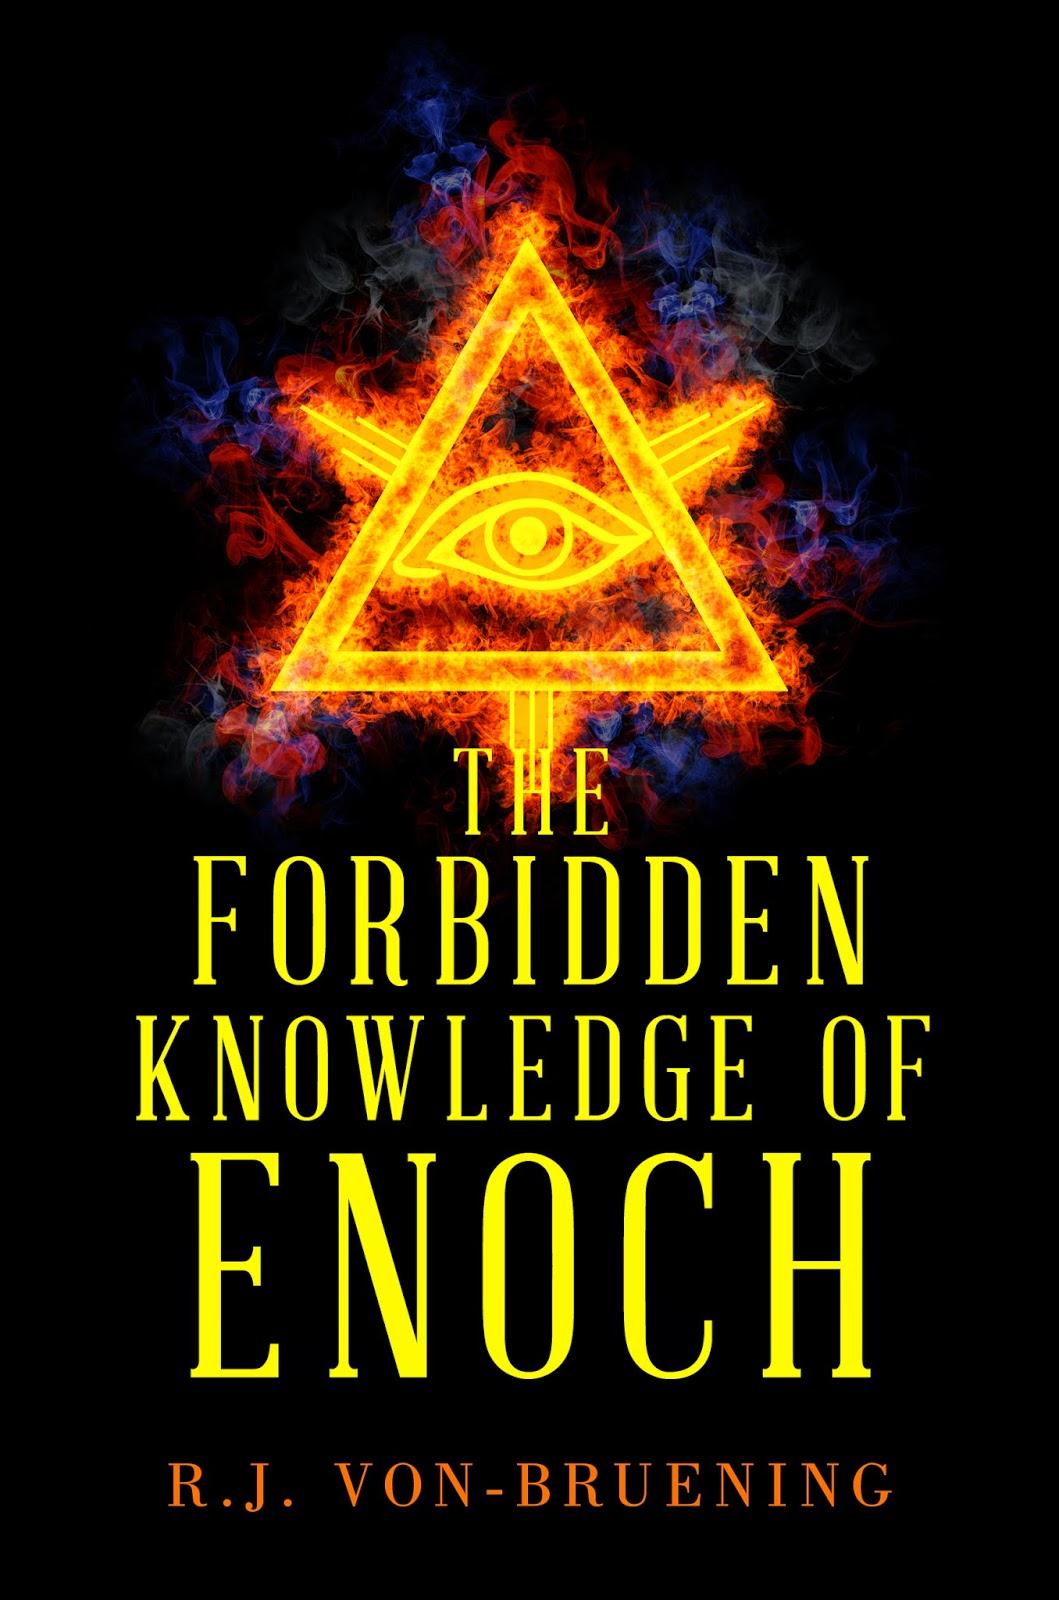 Forbidden ebook truth hidden knowledge